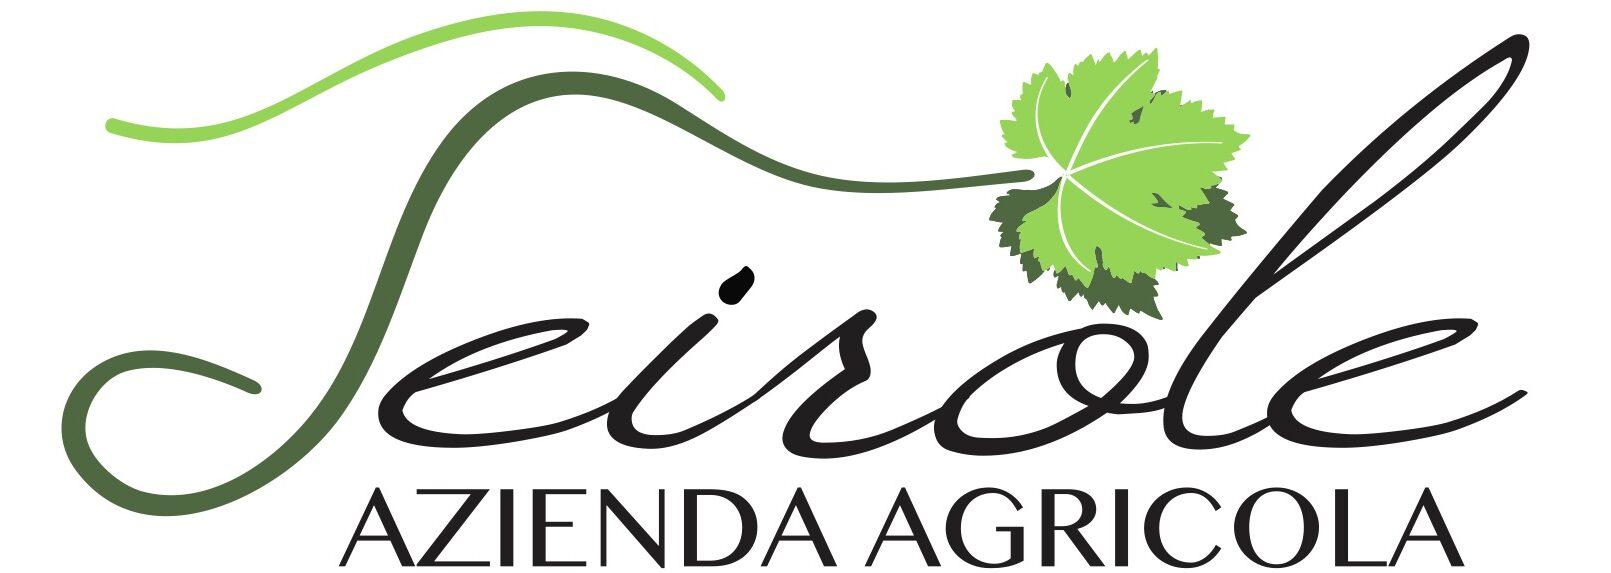 Azienda Agricola Seirole